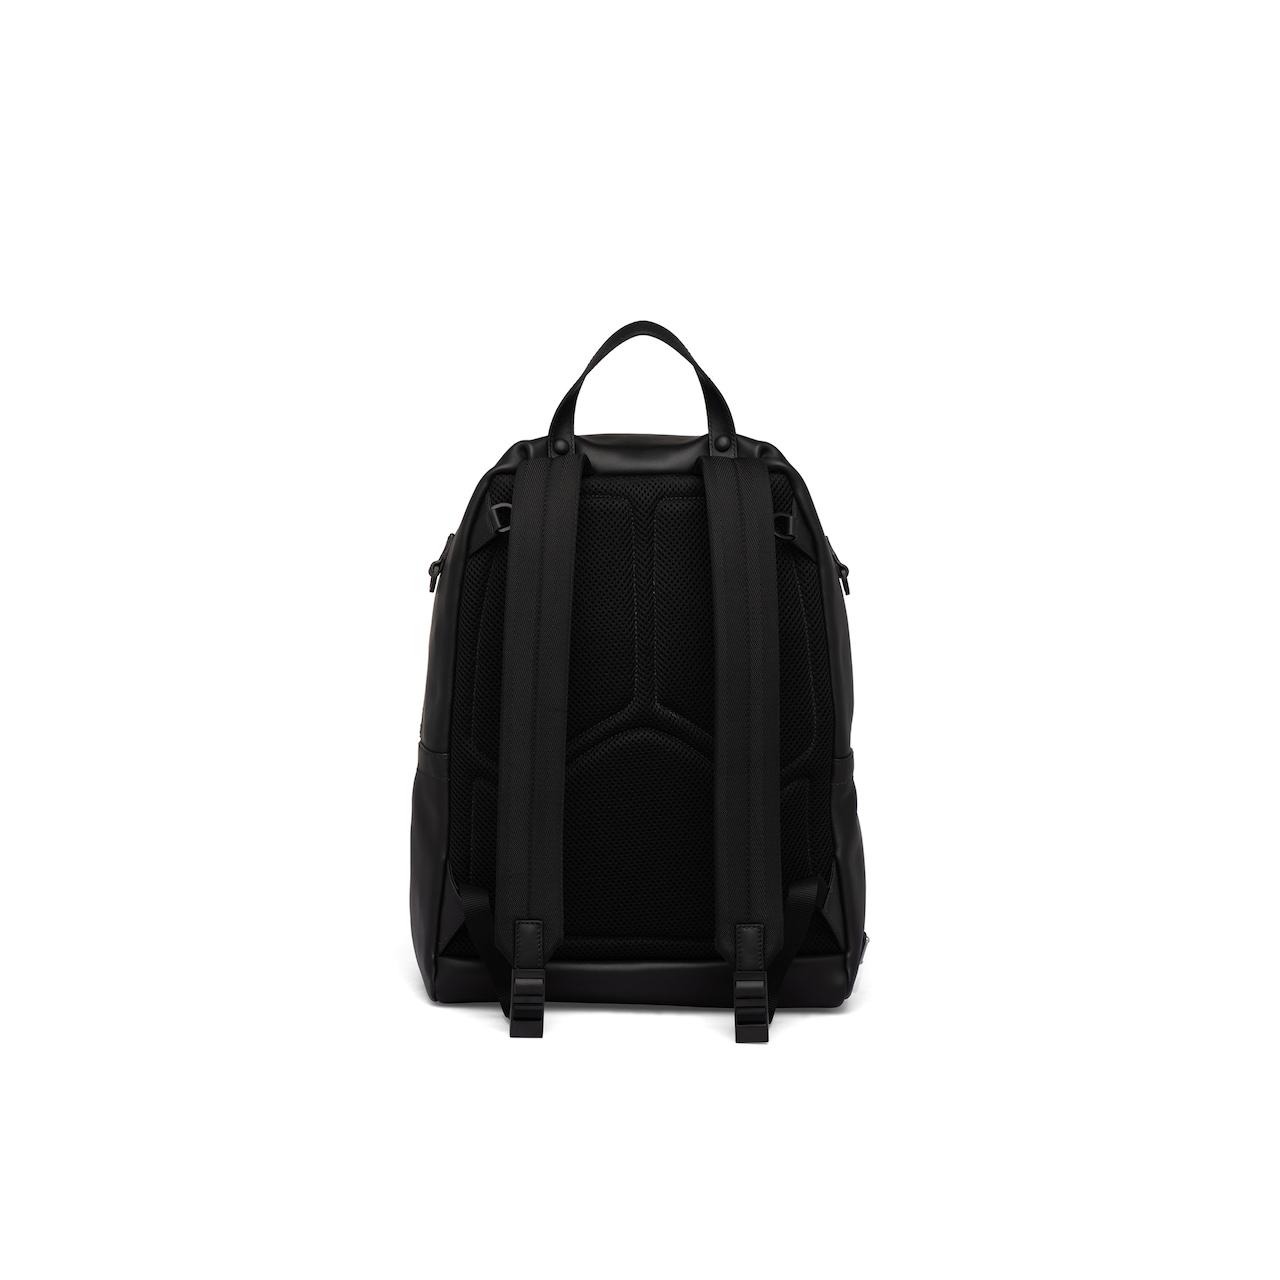 Prada Leather backpack 4